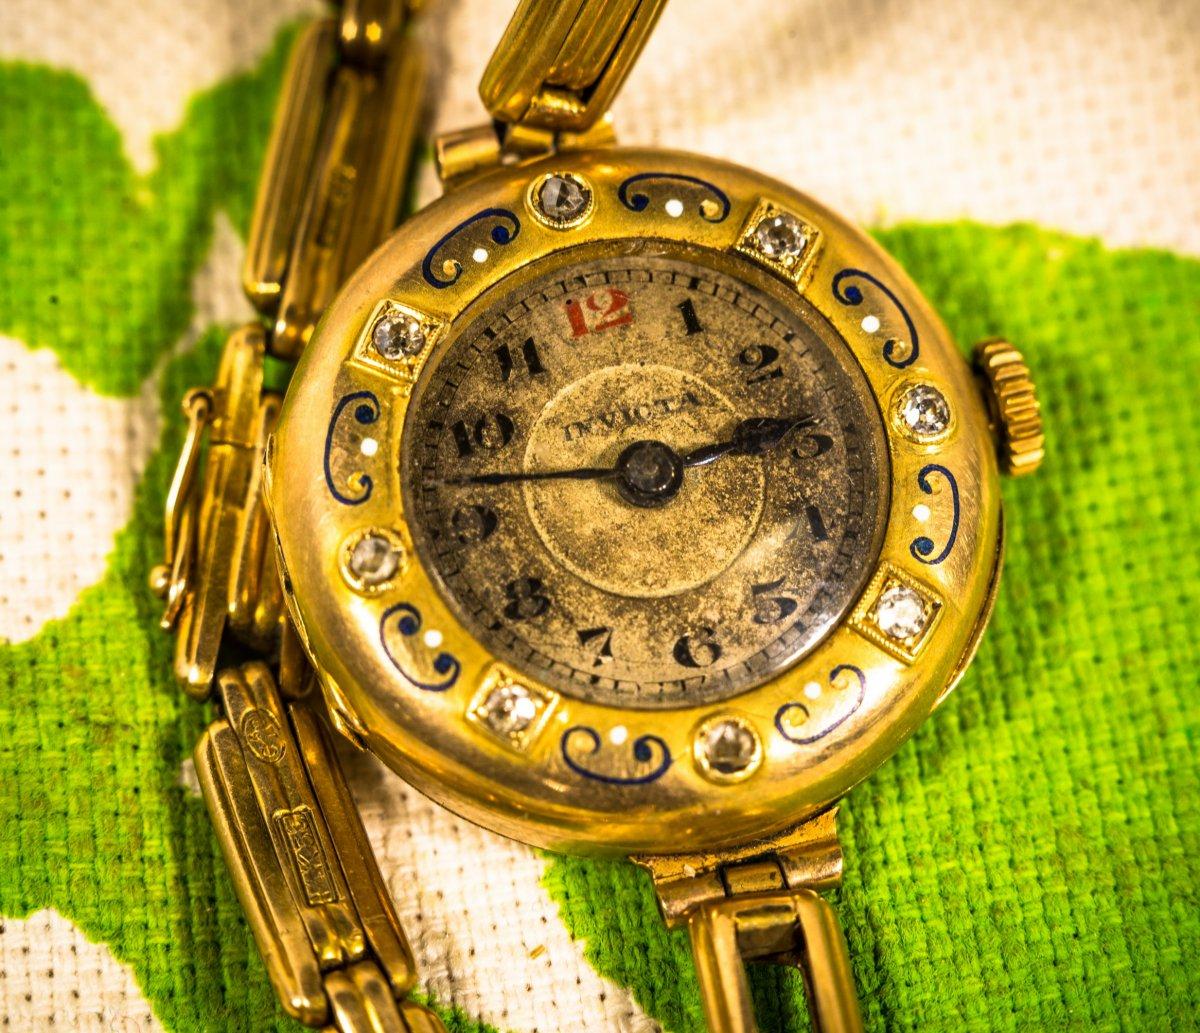 Часы оценка золотые индустриальный ломбард район череповец